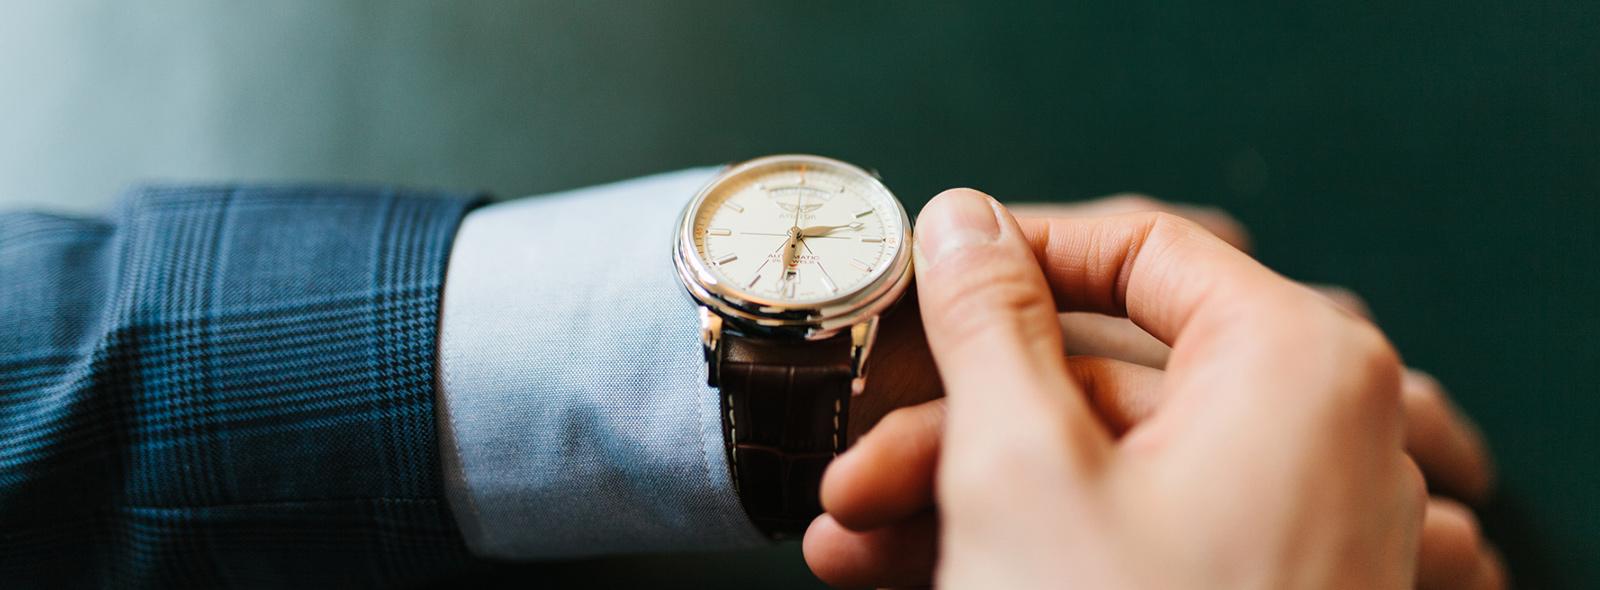 Szwajcarski, czyli niezawodny. Przegląd zegarków Swiss Made